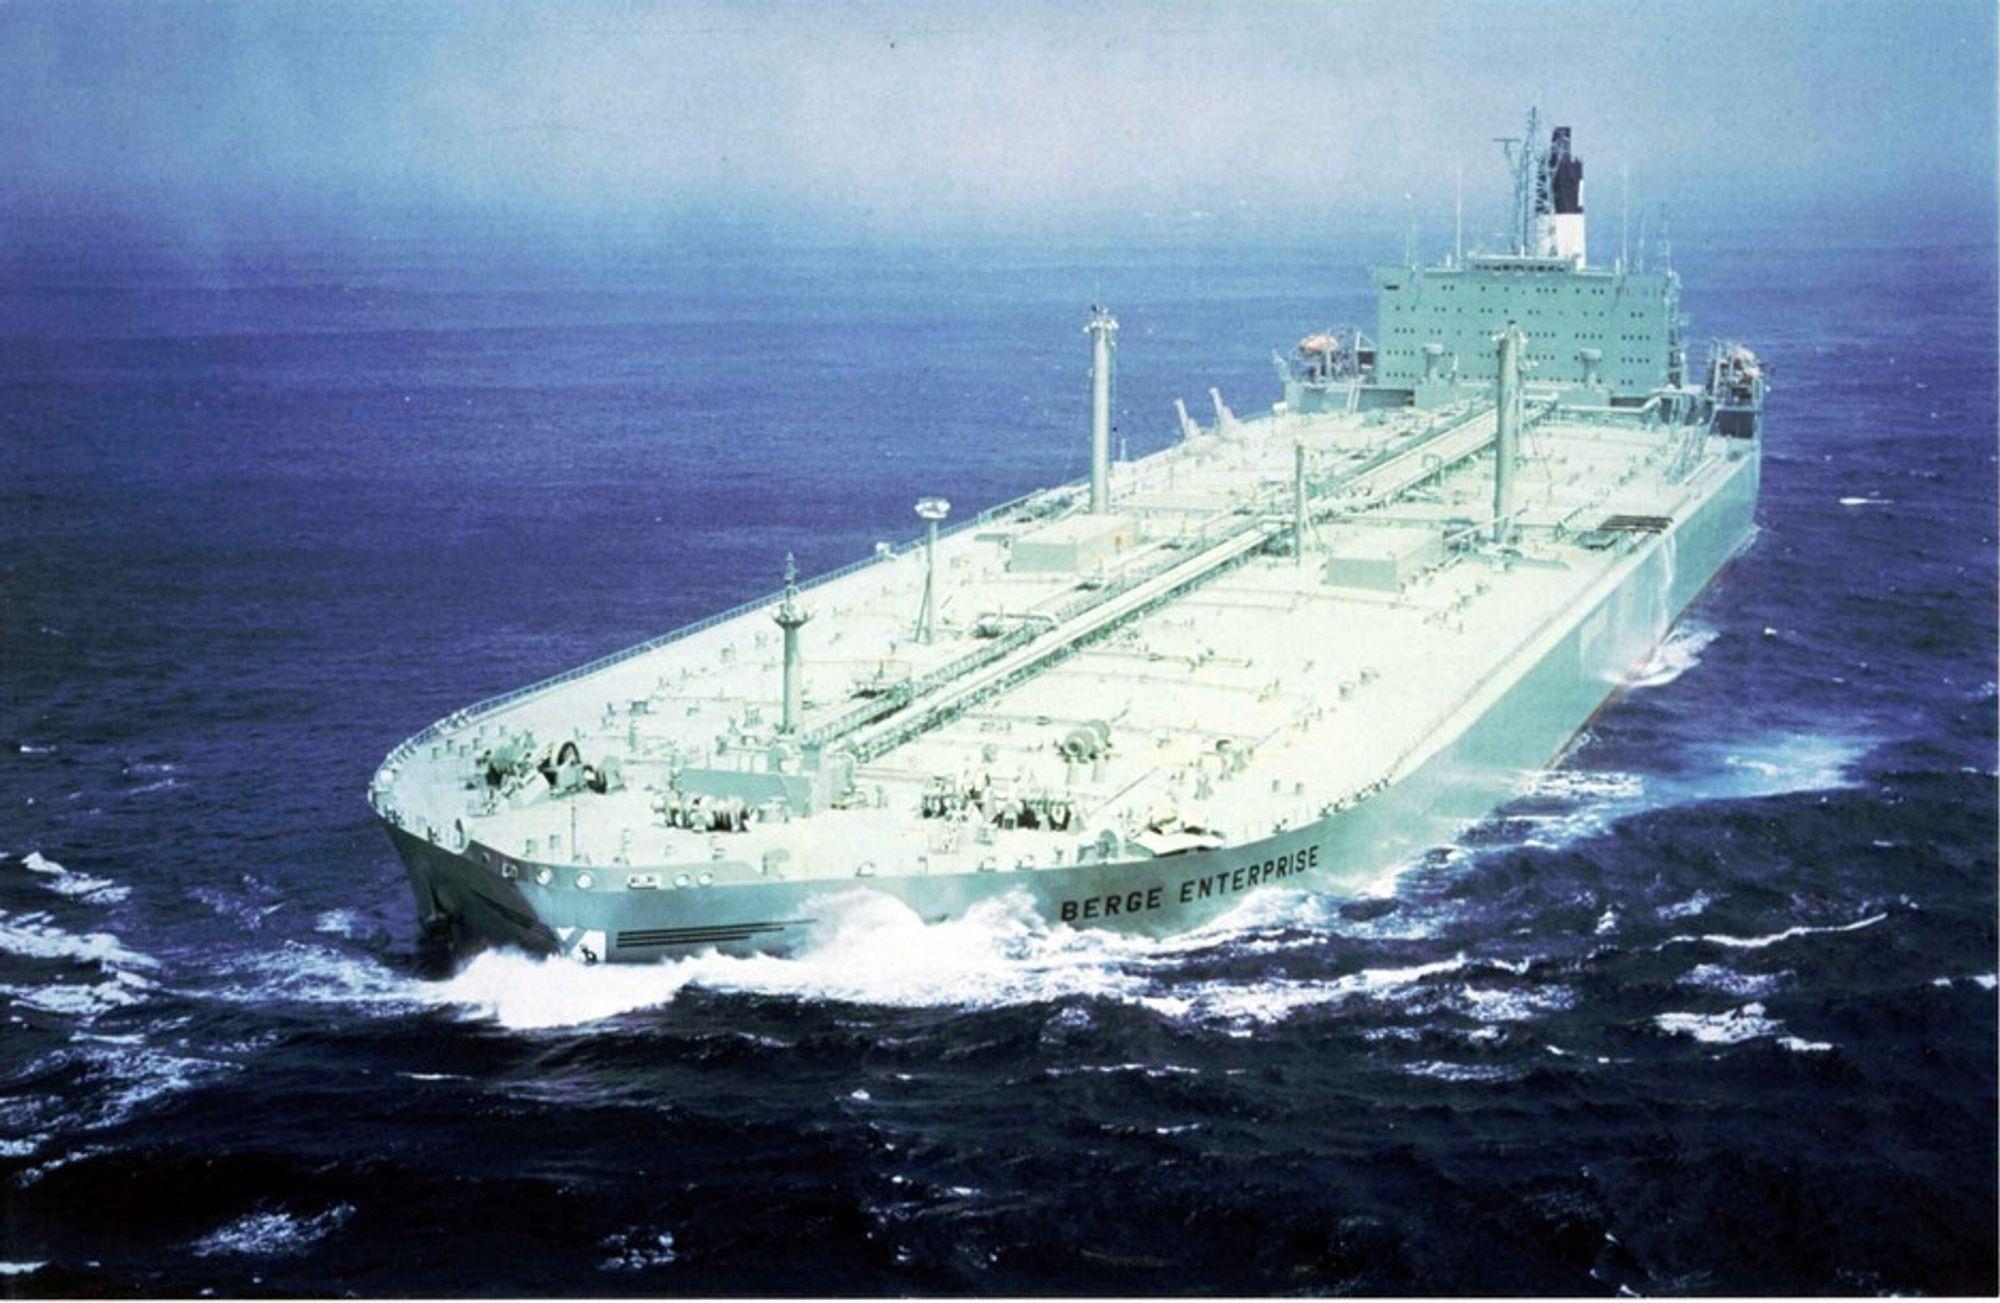 Skipsfarten er en stor CO2-kilde, men verden vil lytte hvis Norge gjør noe med utslippene, tror Erik Solheim.